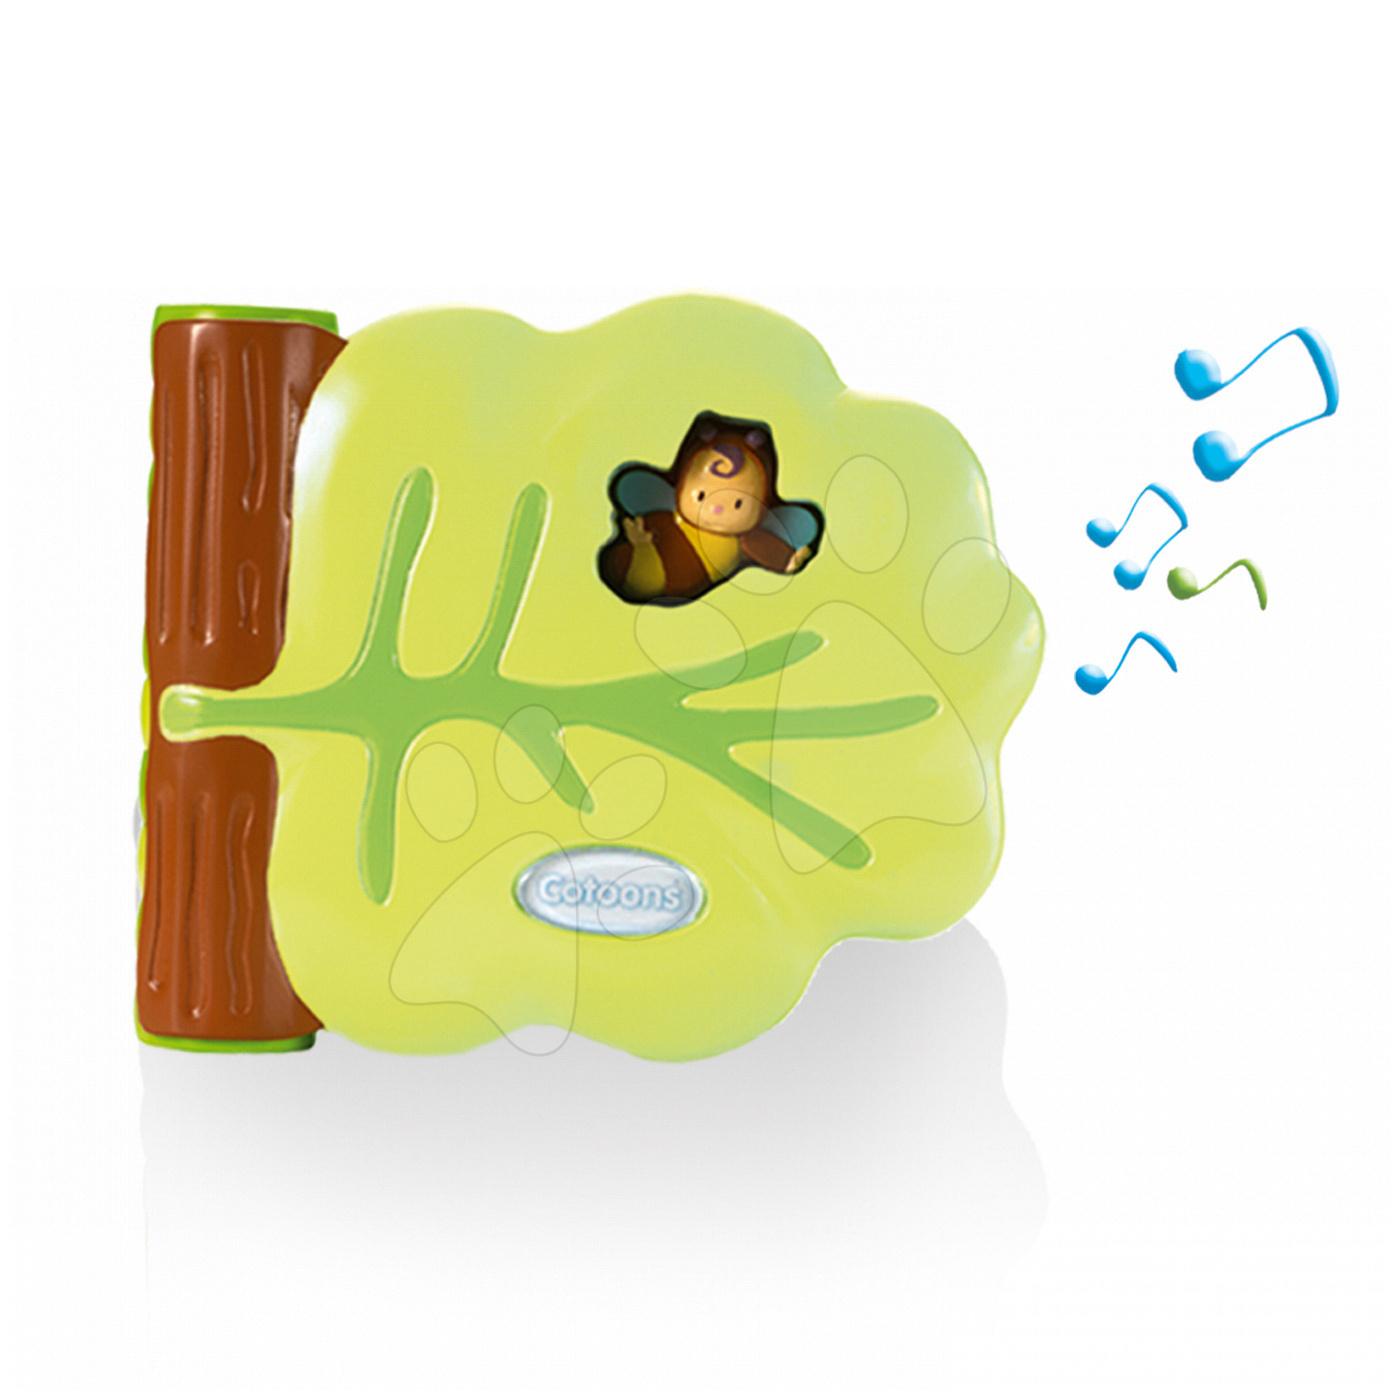 Zenélő bébijátékok - Zenélő könyvecske Cotoons Smoby kinyitható és 12 dallammal 10 hó-tól